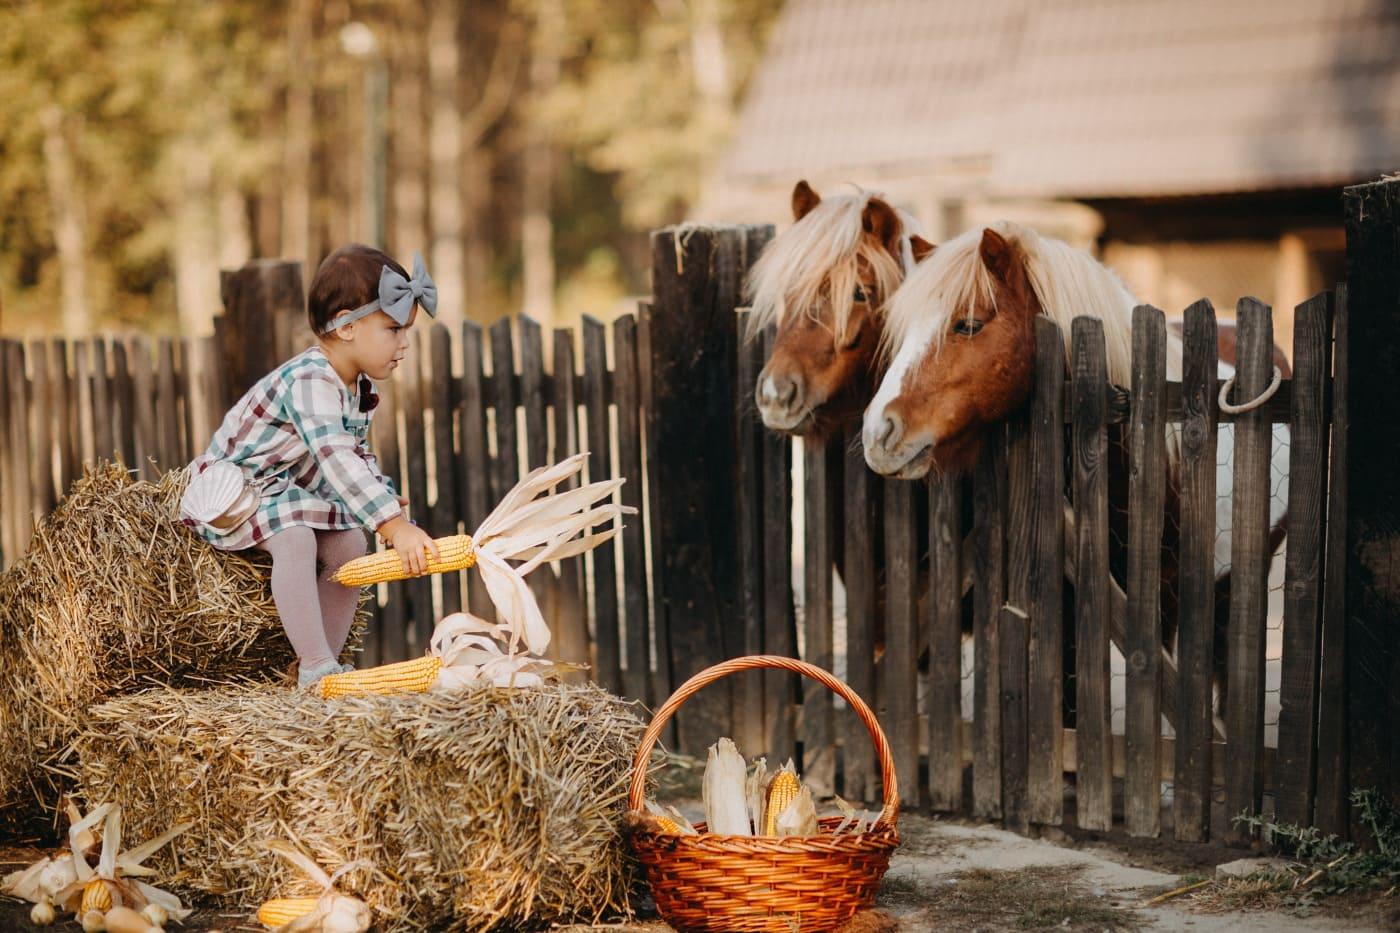 child, pretty girl, girl, horses, village, feeding, corn, barn, hay, farm